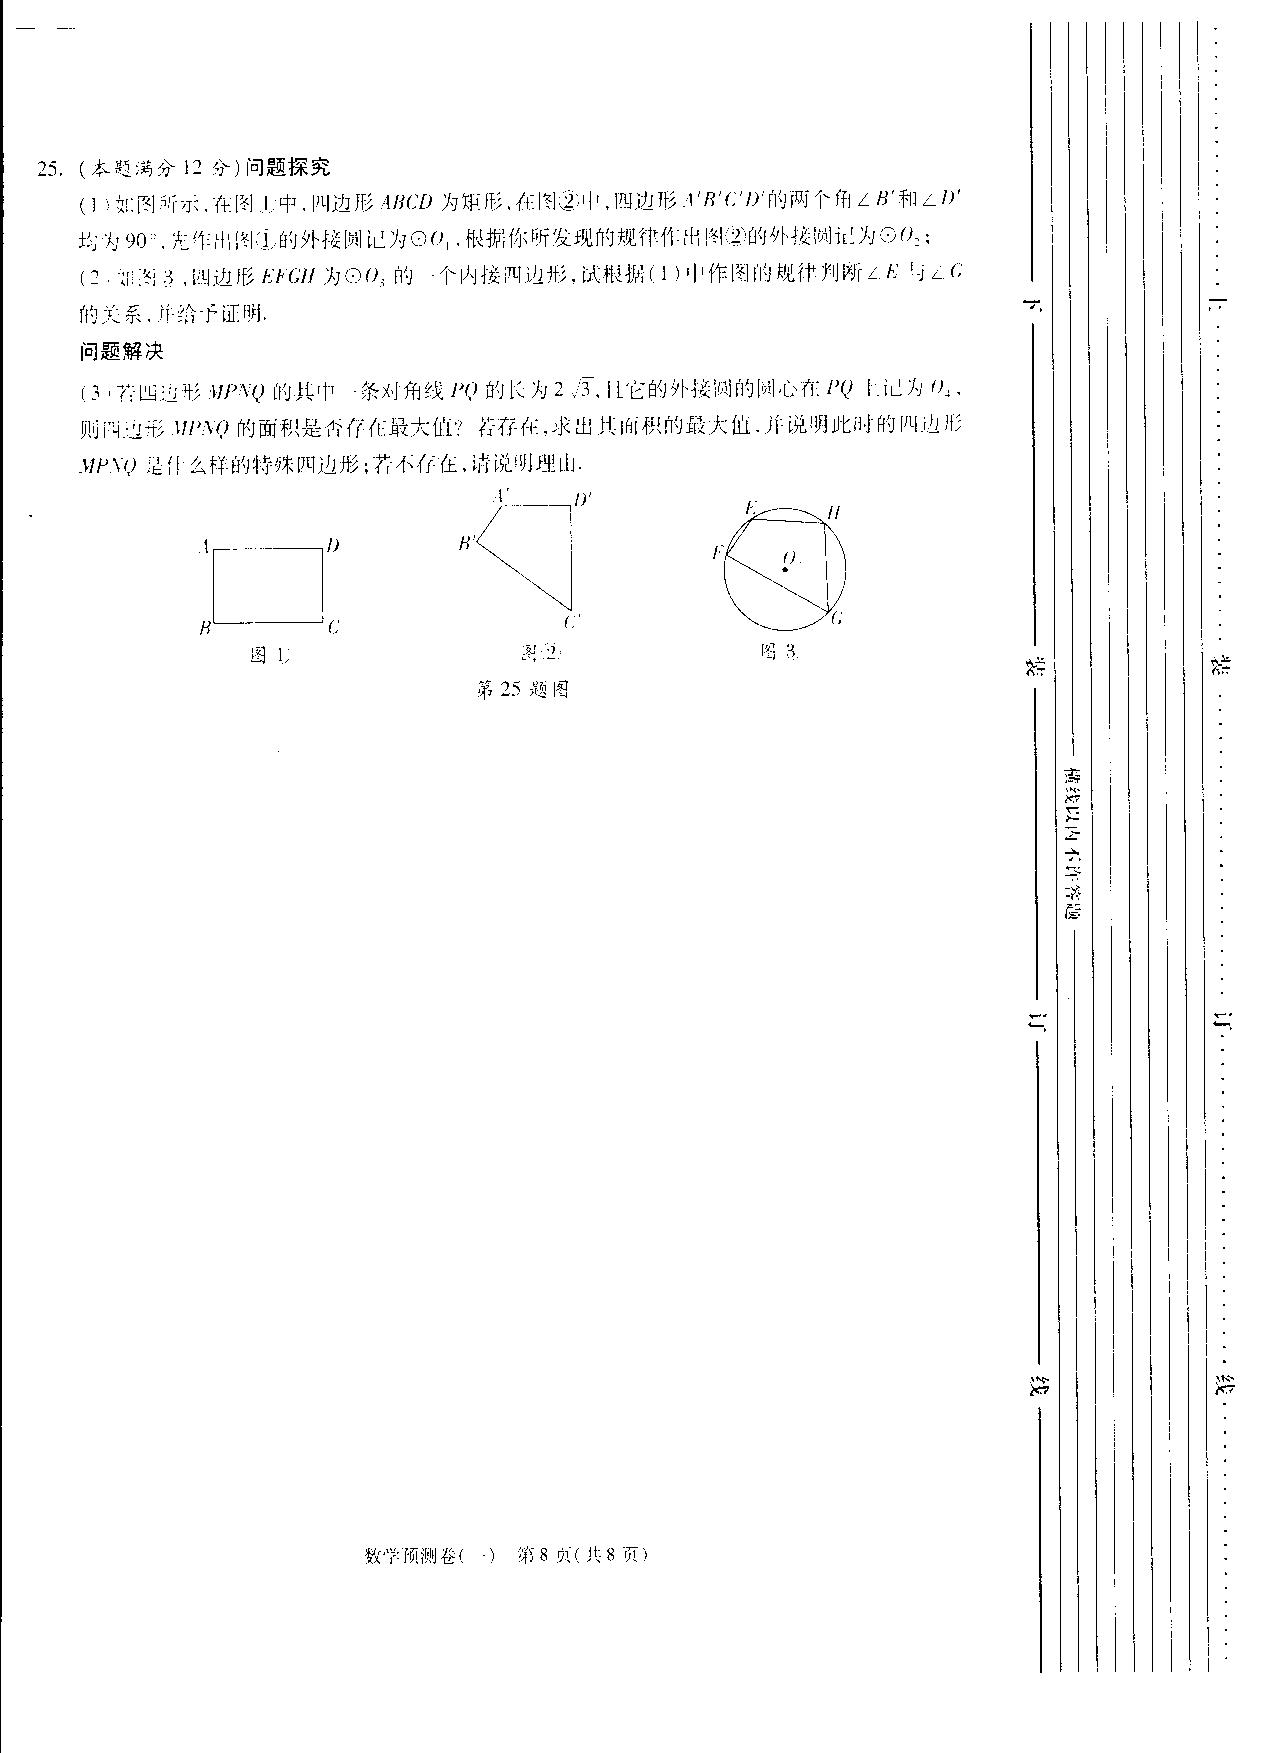 中考平面设计图